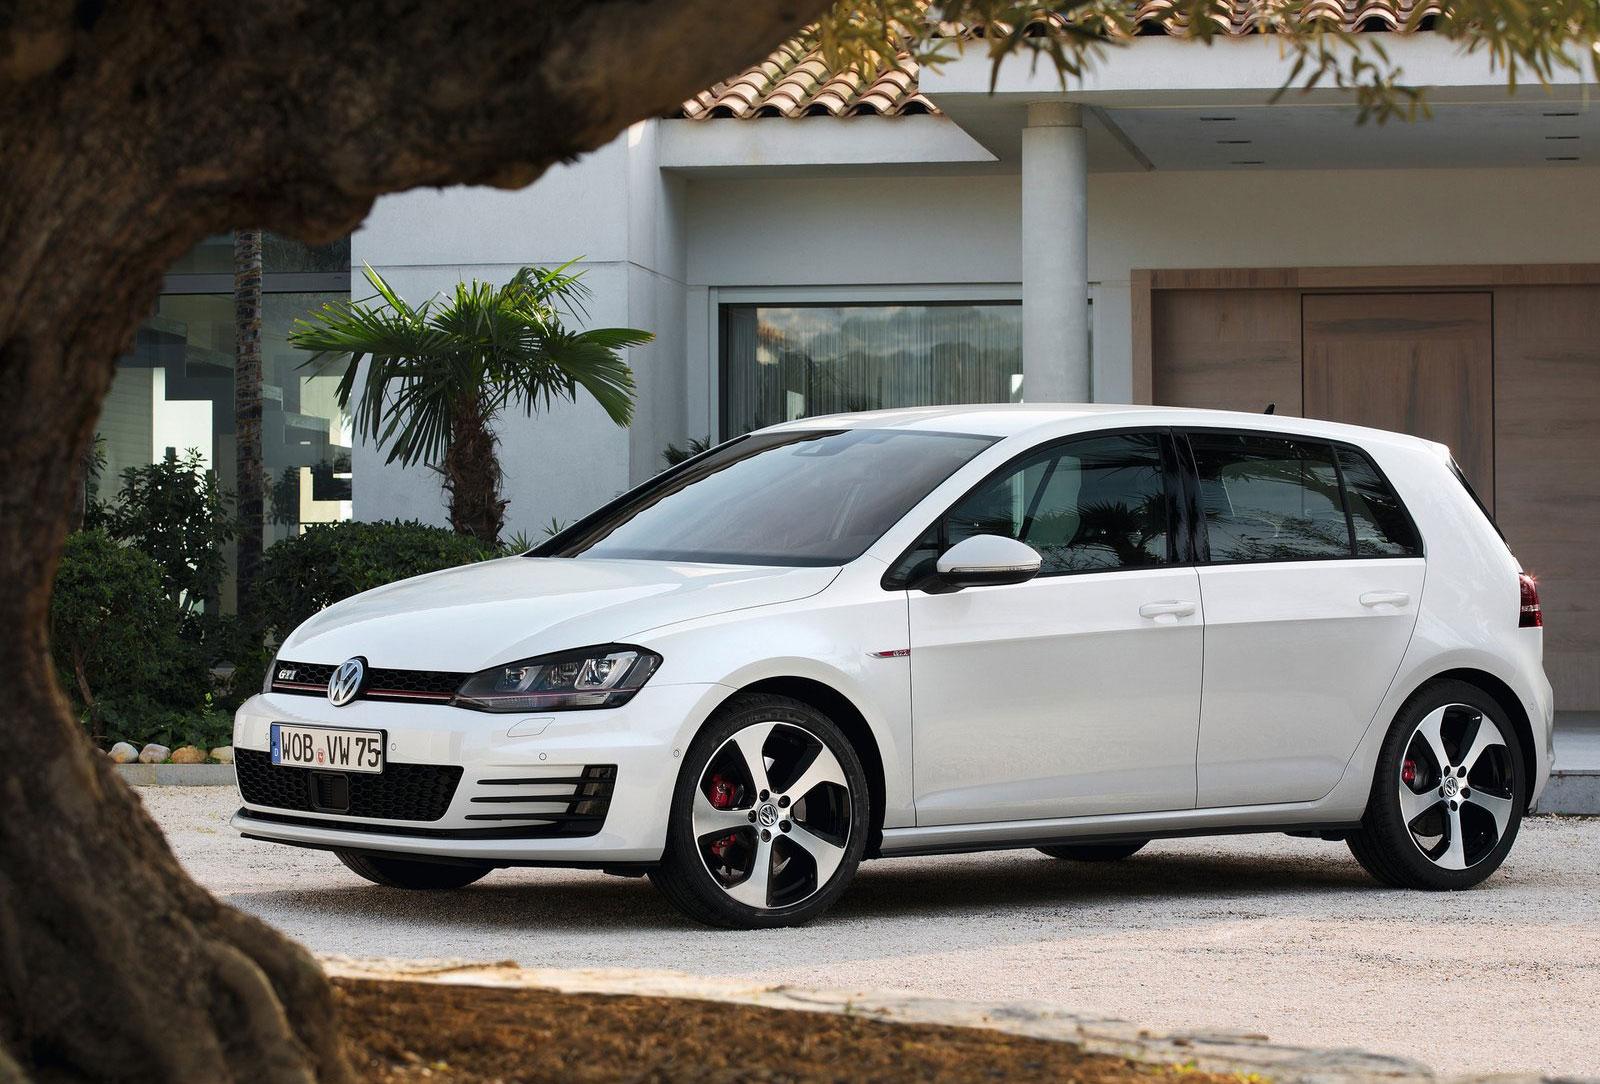 International, Foto Keren Volkswagen Golf GTI MK7-07: 50 Foto Galeri Volkswagen Golf GTI MK7